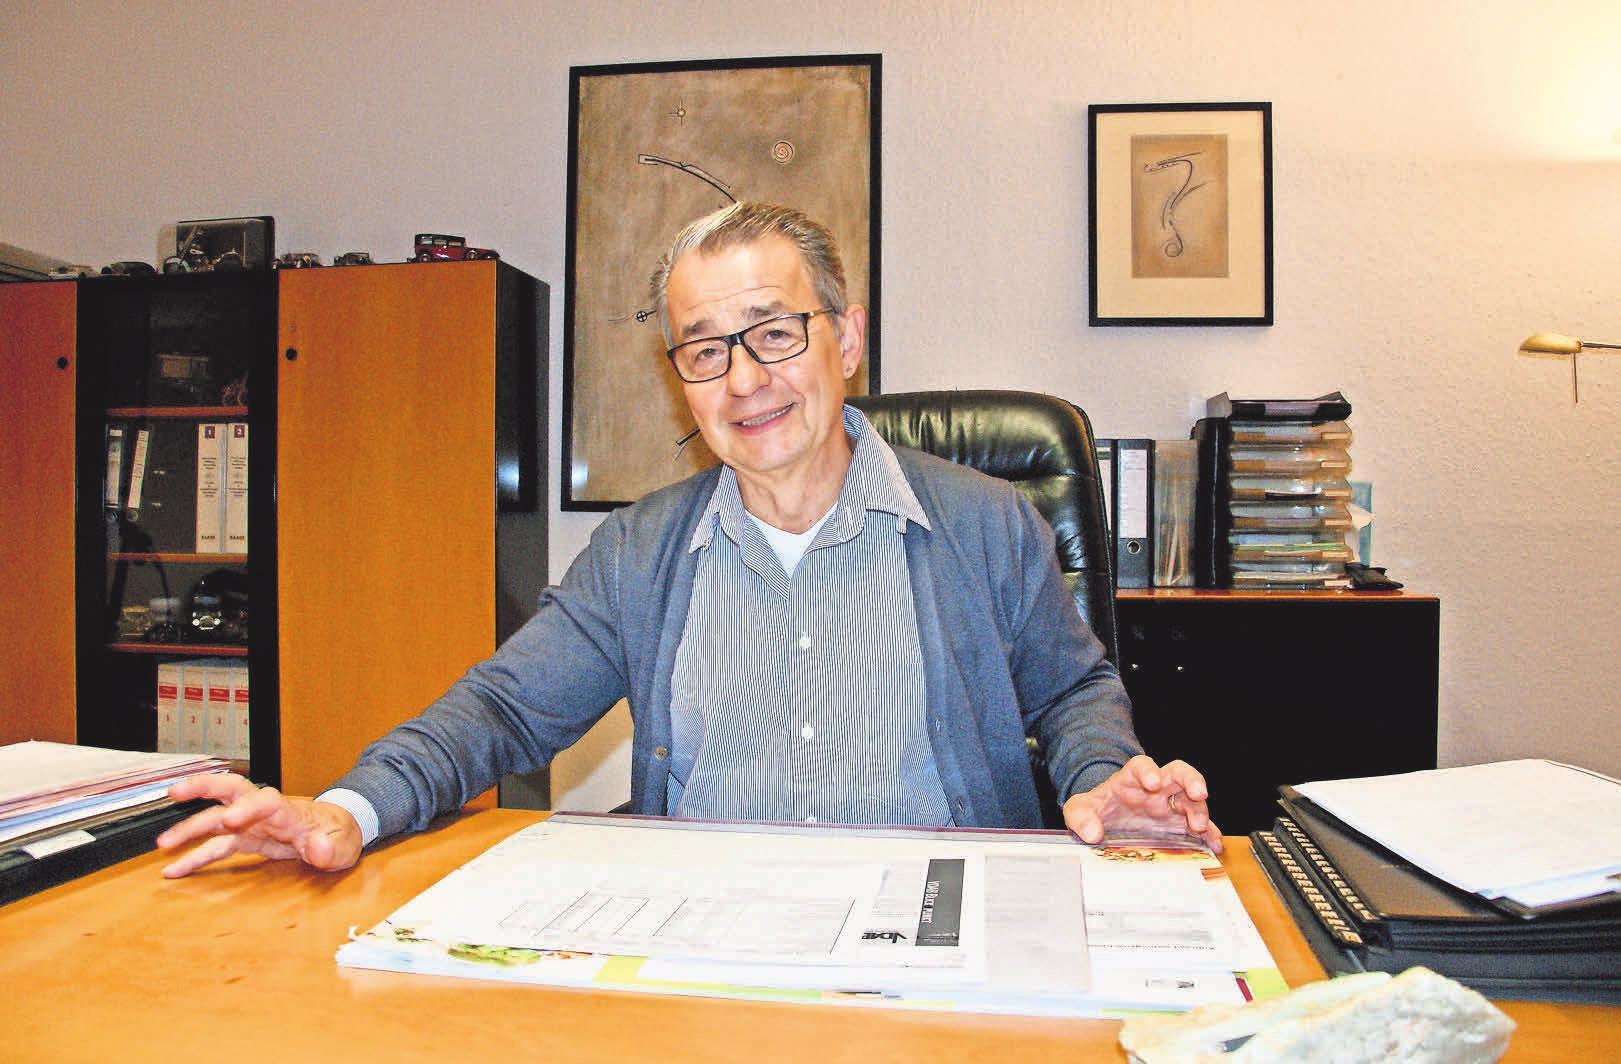 ASK-Geschäftsführer Oskar E. Grünberger versucht vergeblich, dem Fachkräftemangel in der Pflege entgegenzuwirken und faire Gehälter zu zahlen.